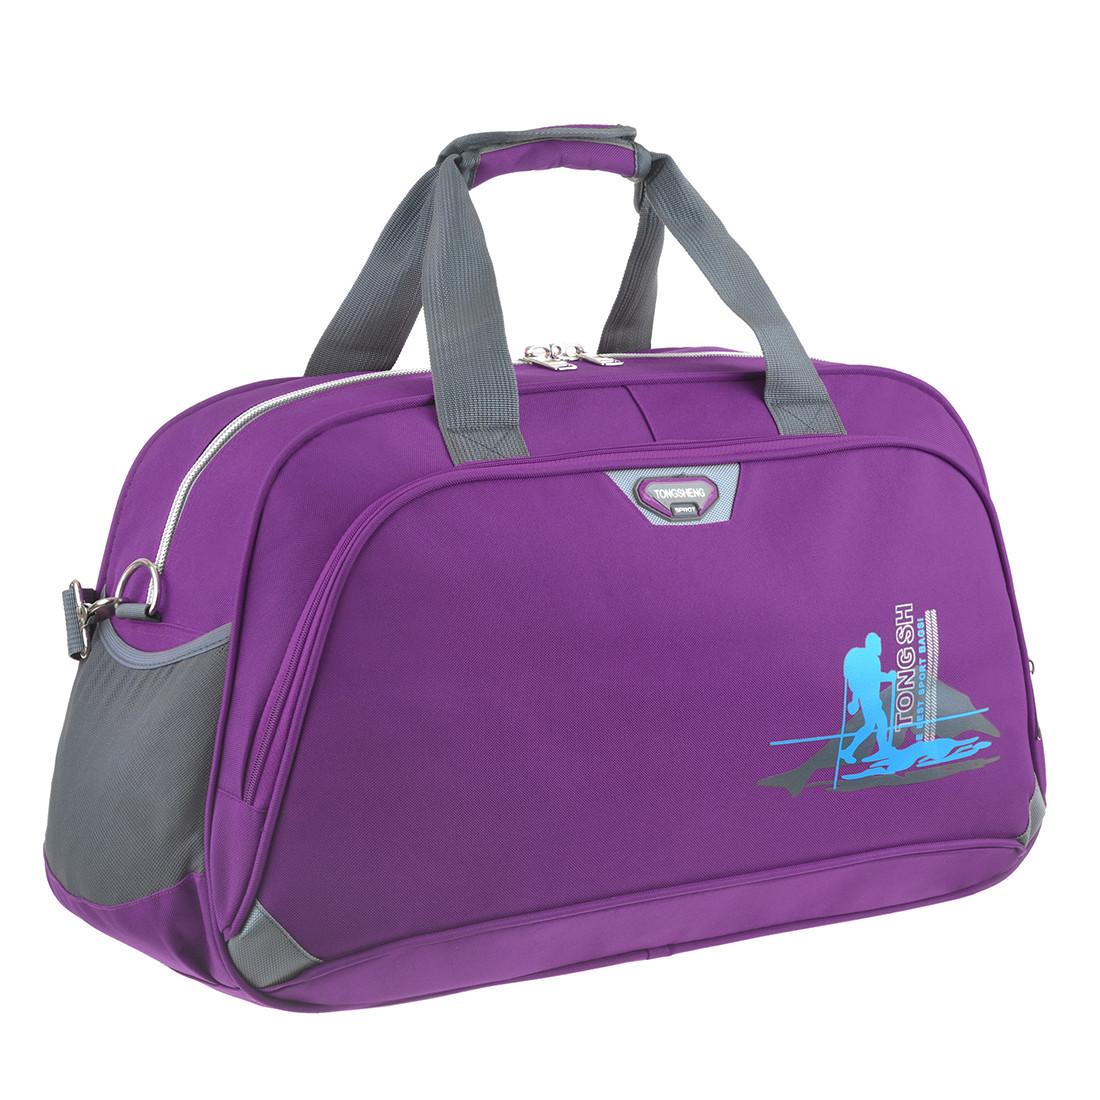 Дорожная сумка TONGSHENG 58x36x22 ткань полиэстер, два боковых кармана, цвет фиолетовый кс99311ф